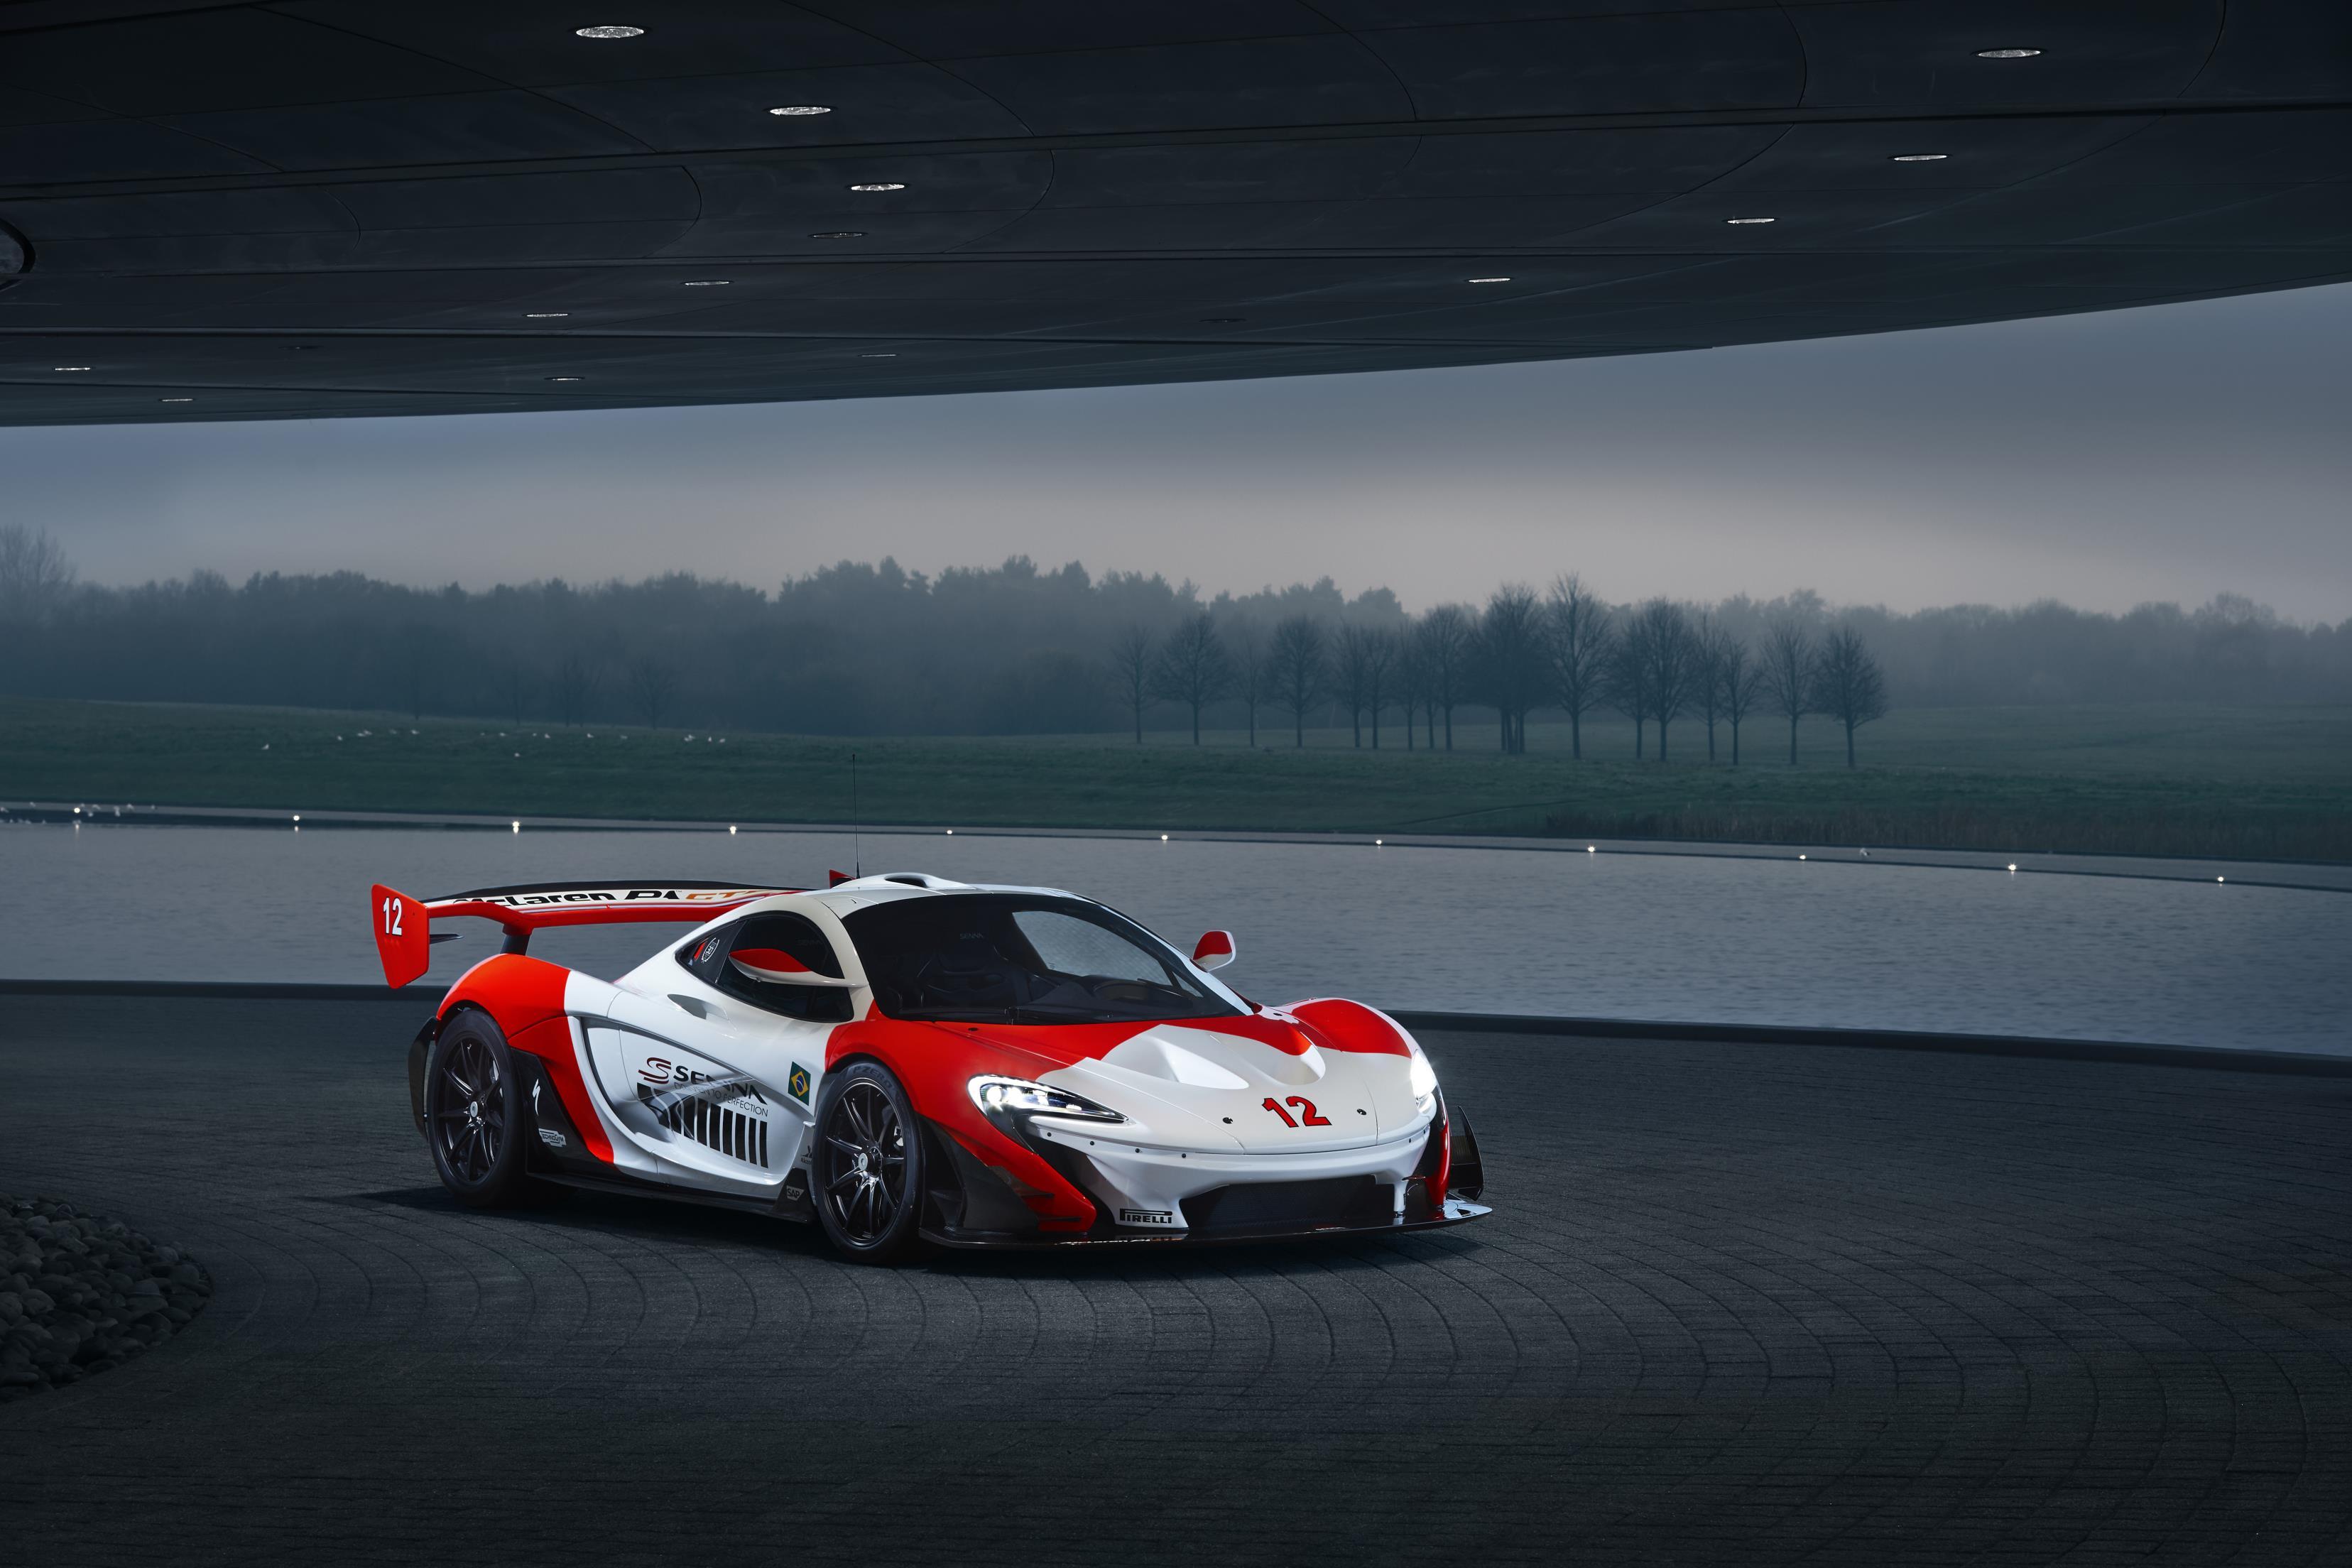 Mclaren P1 Cost >> MSO Creates Unique McLaren P1 GTR to Celebrate to Ayrton Senna - GTspirit